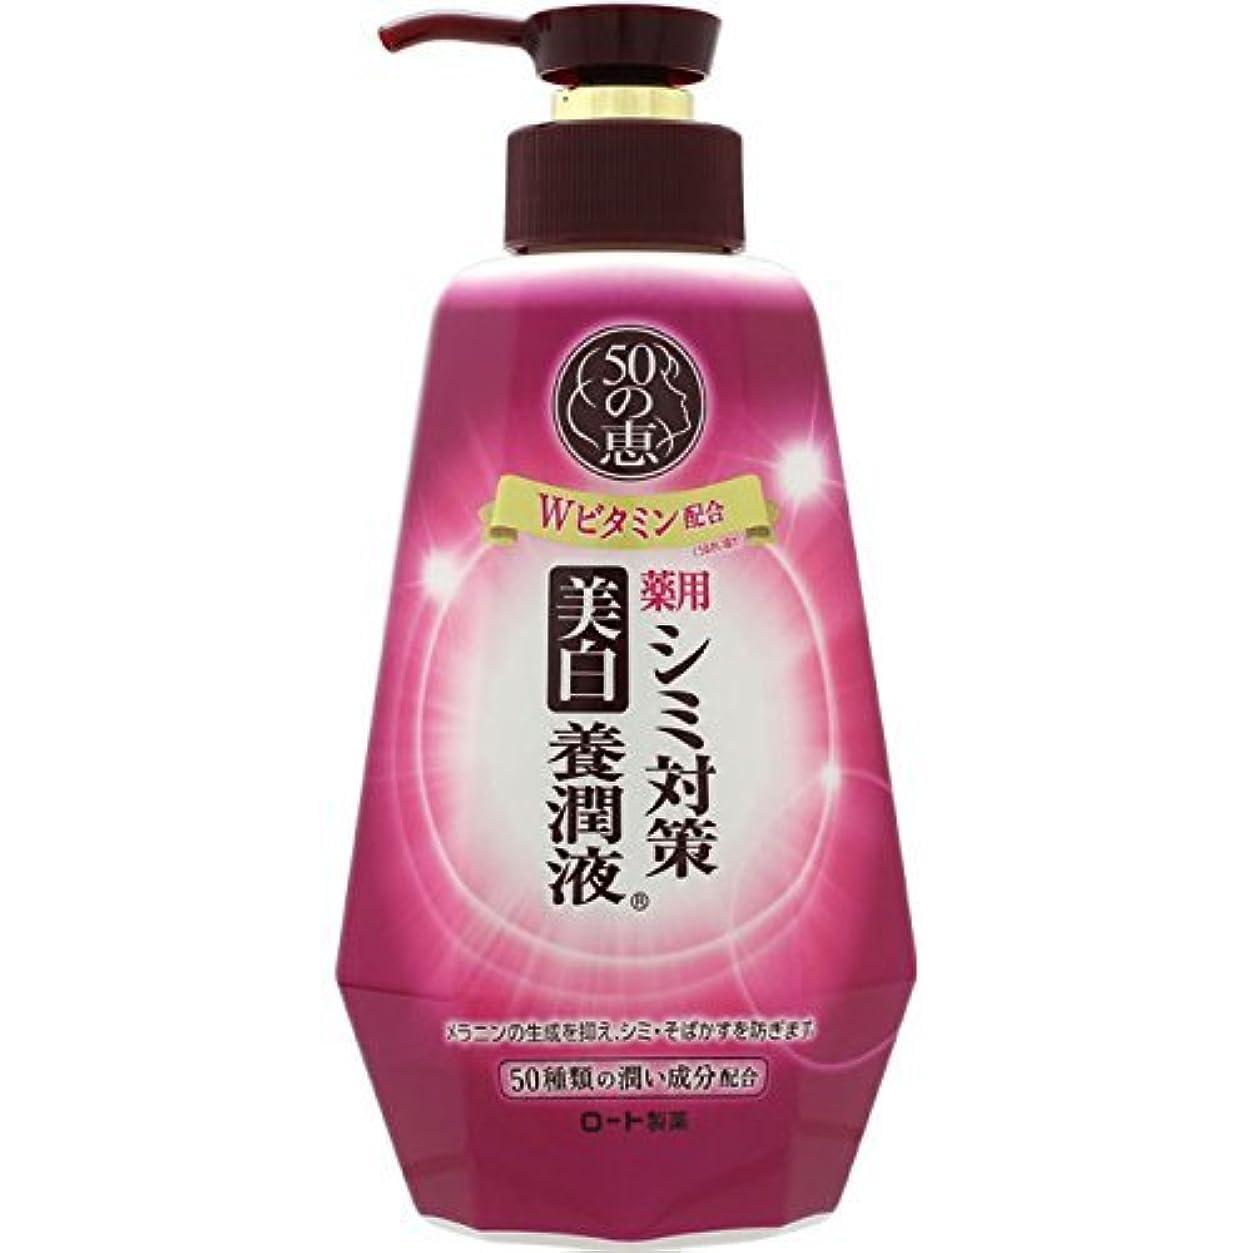 意気込み偏心ジャニス50の恵 シミ対策 美白養潤液 230mL (医薬部外品) ×2